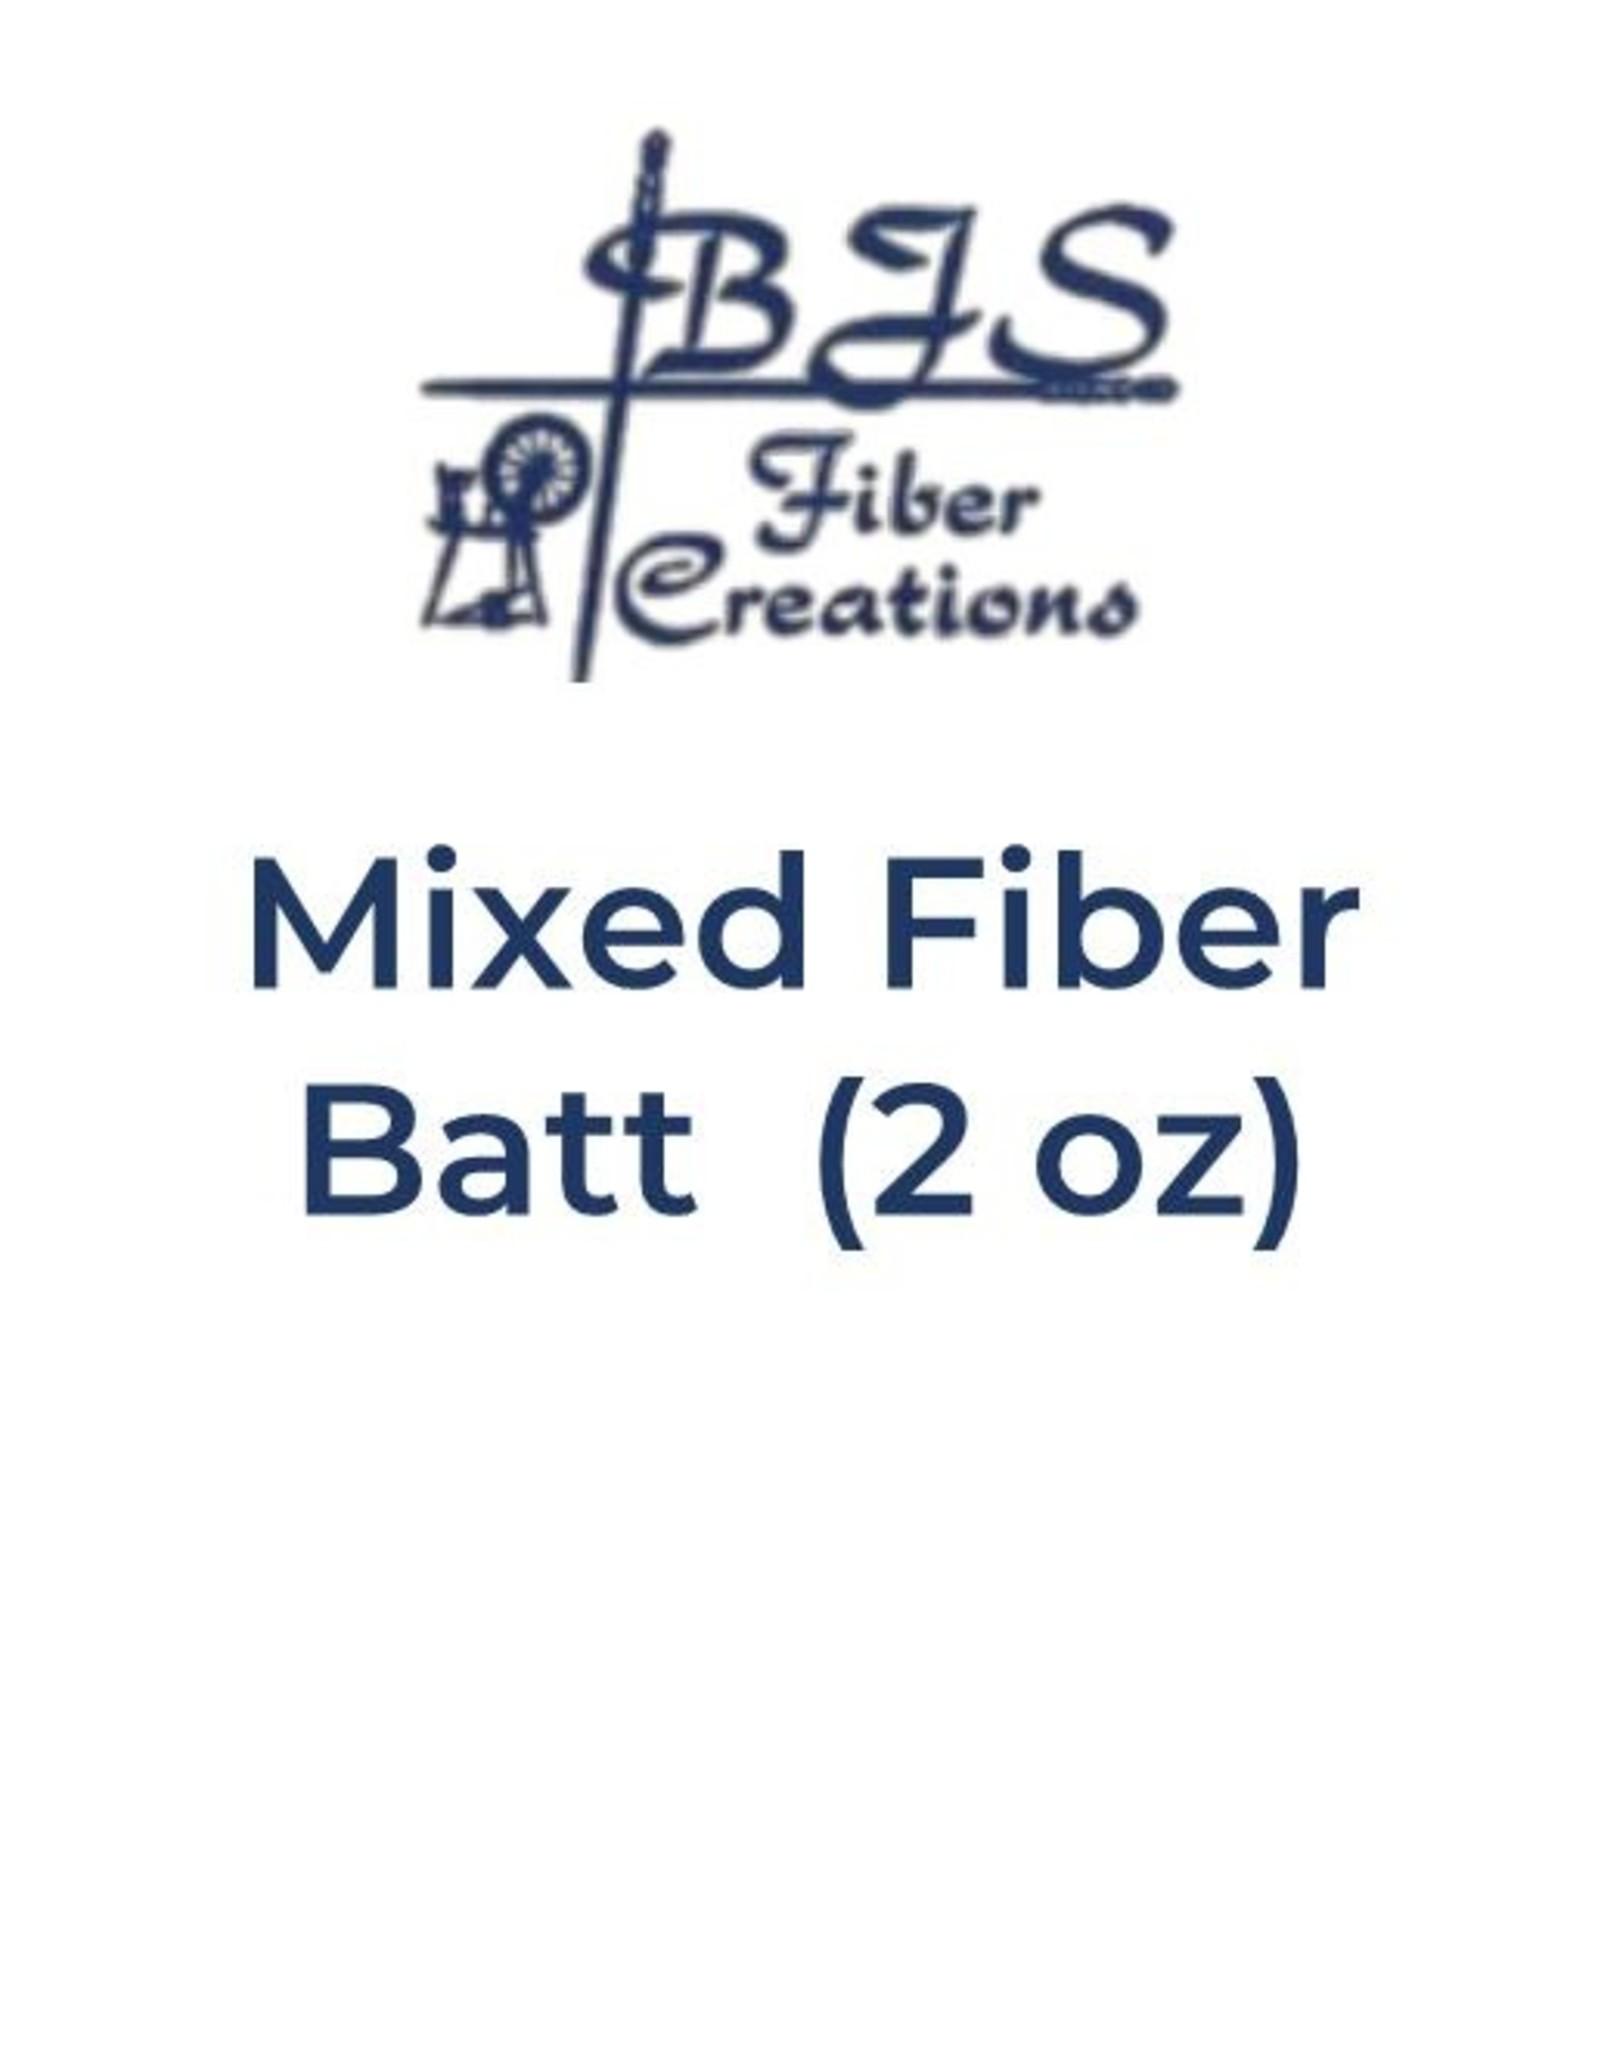 BJS Trunk Show Mixed Fiber Batts (2 oz) BATT #21